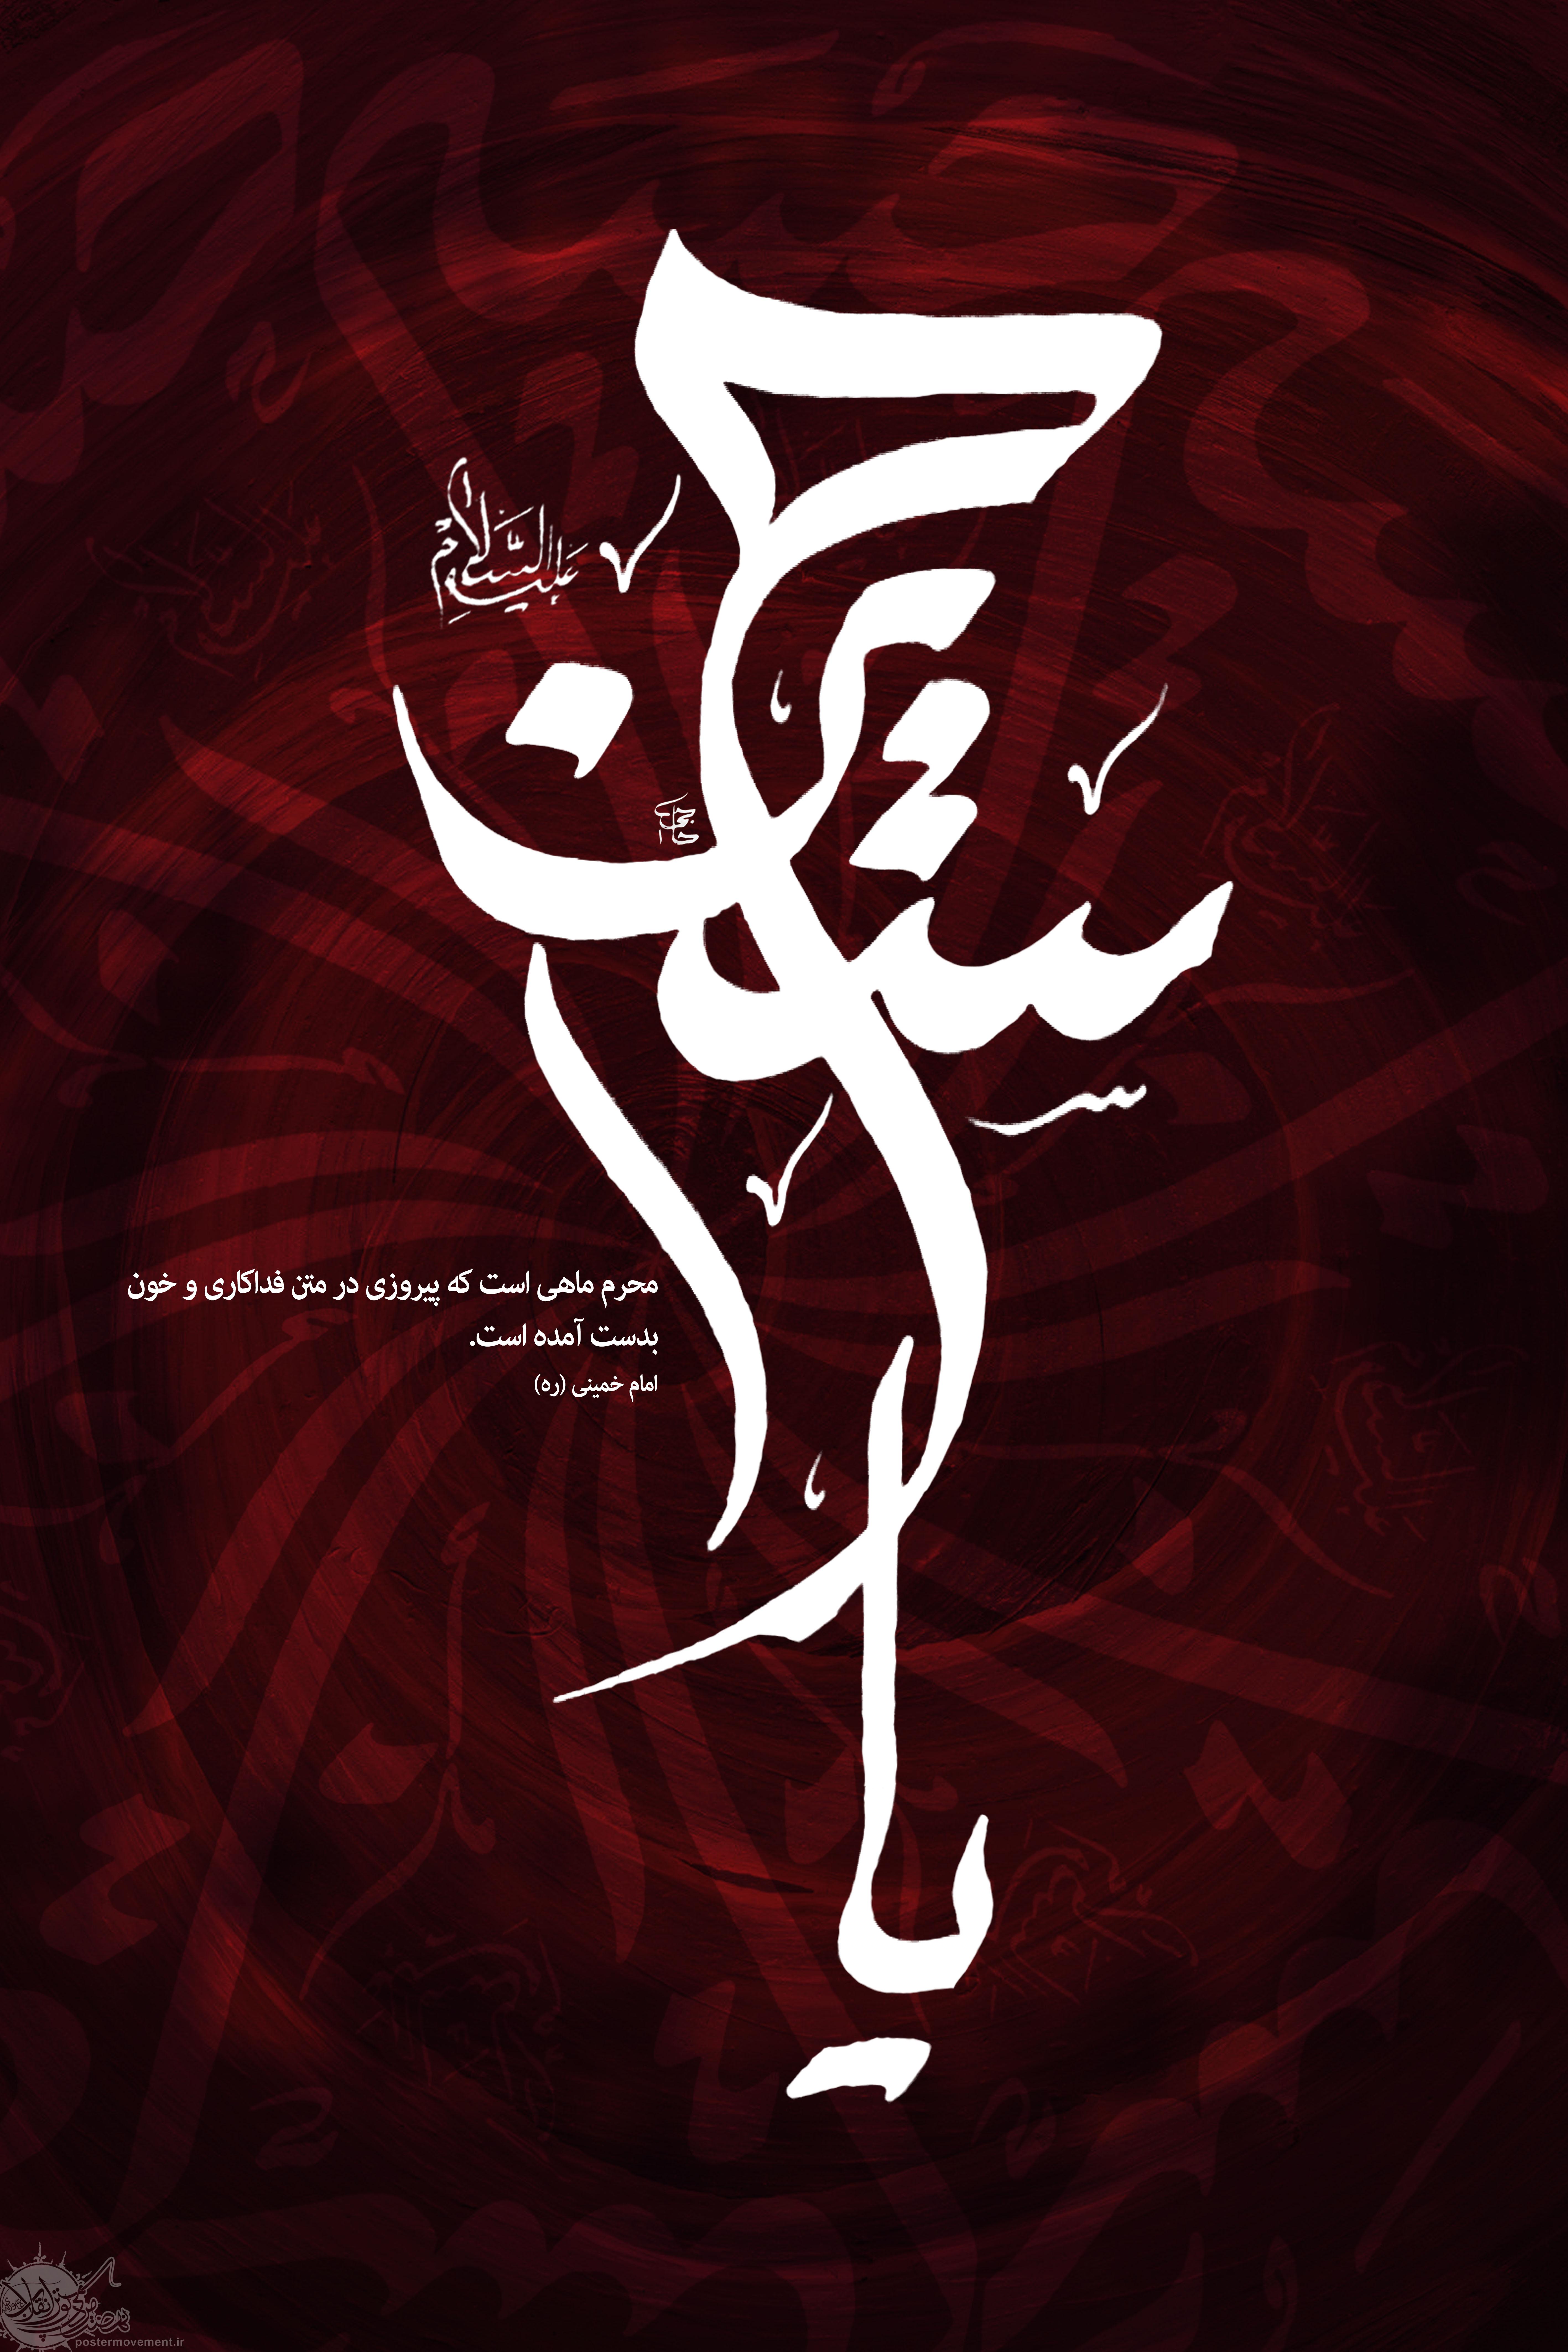 از غدیر تا عاشورا (دانلود پوستر و بنر محرم با کیفیت بالا)۳ najafabadnews